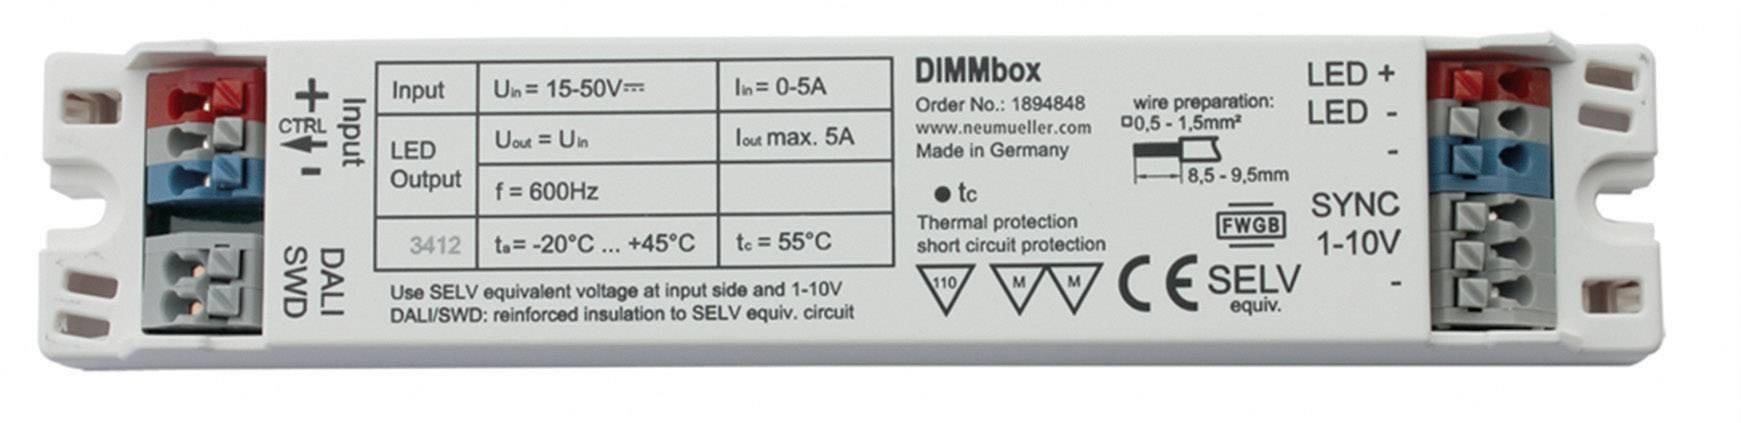 LED tlmenie DIMMbox, 5000 mA, prevádzkové napätie (max.) 50 V/DC